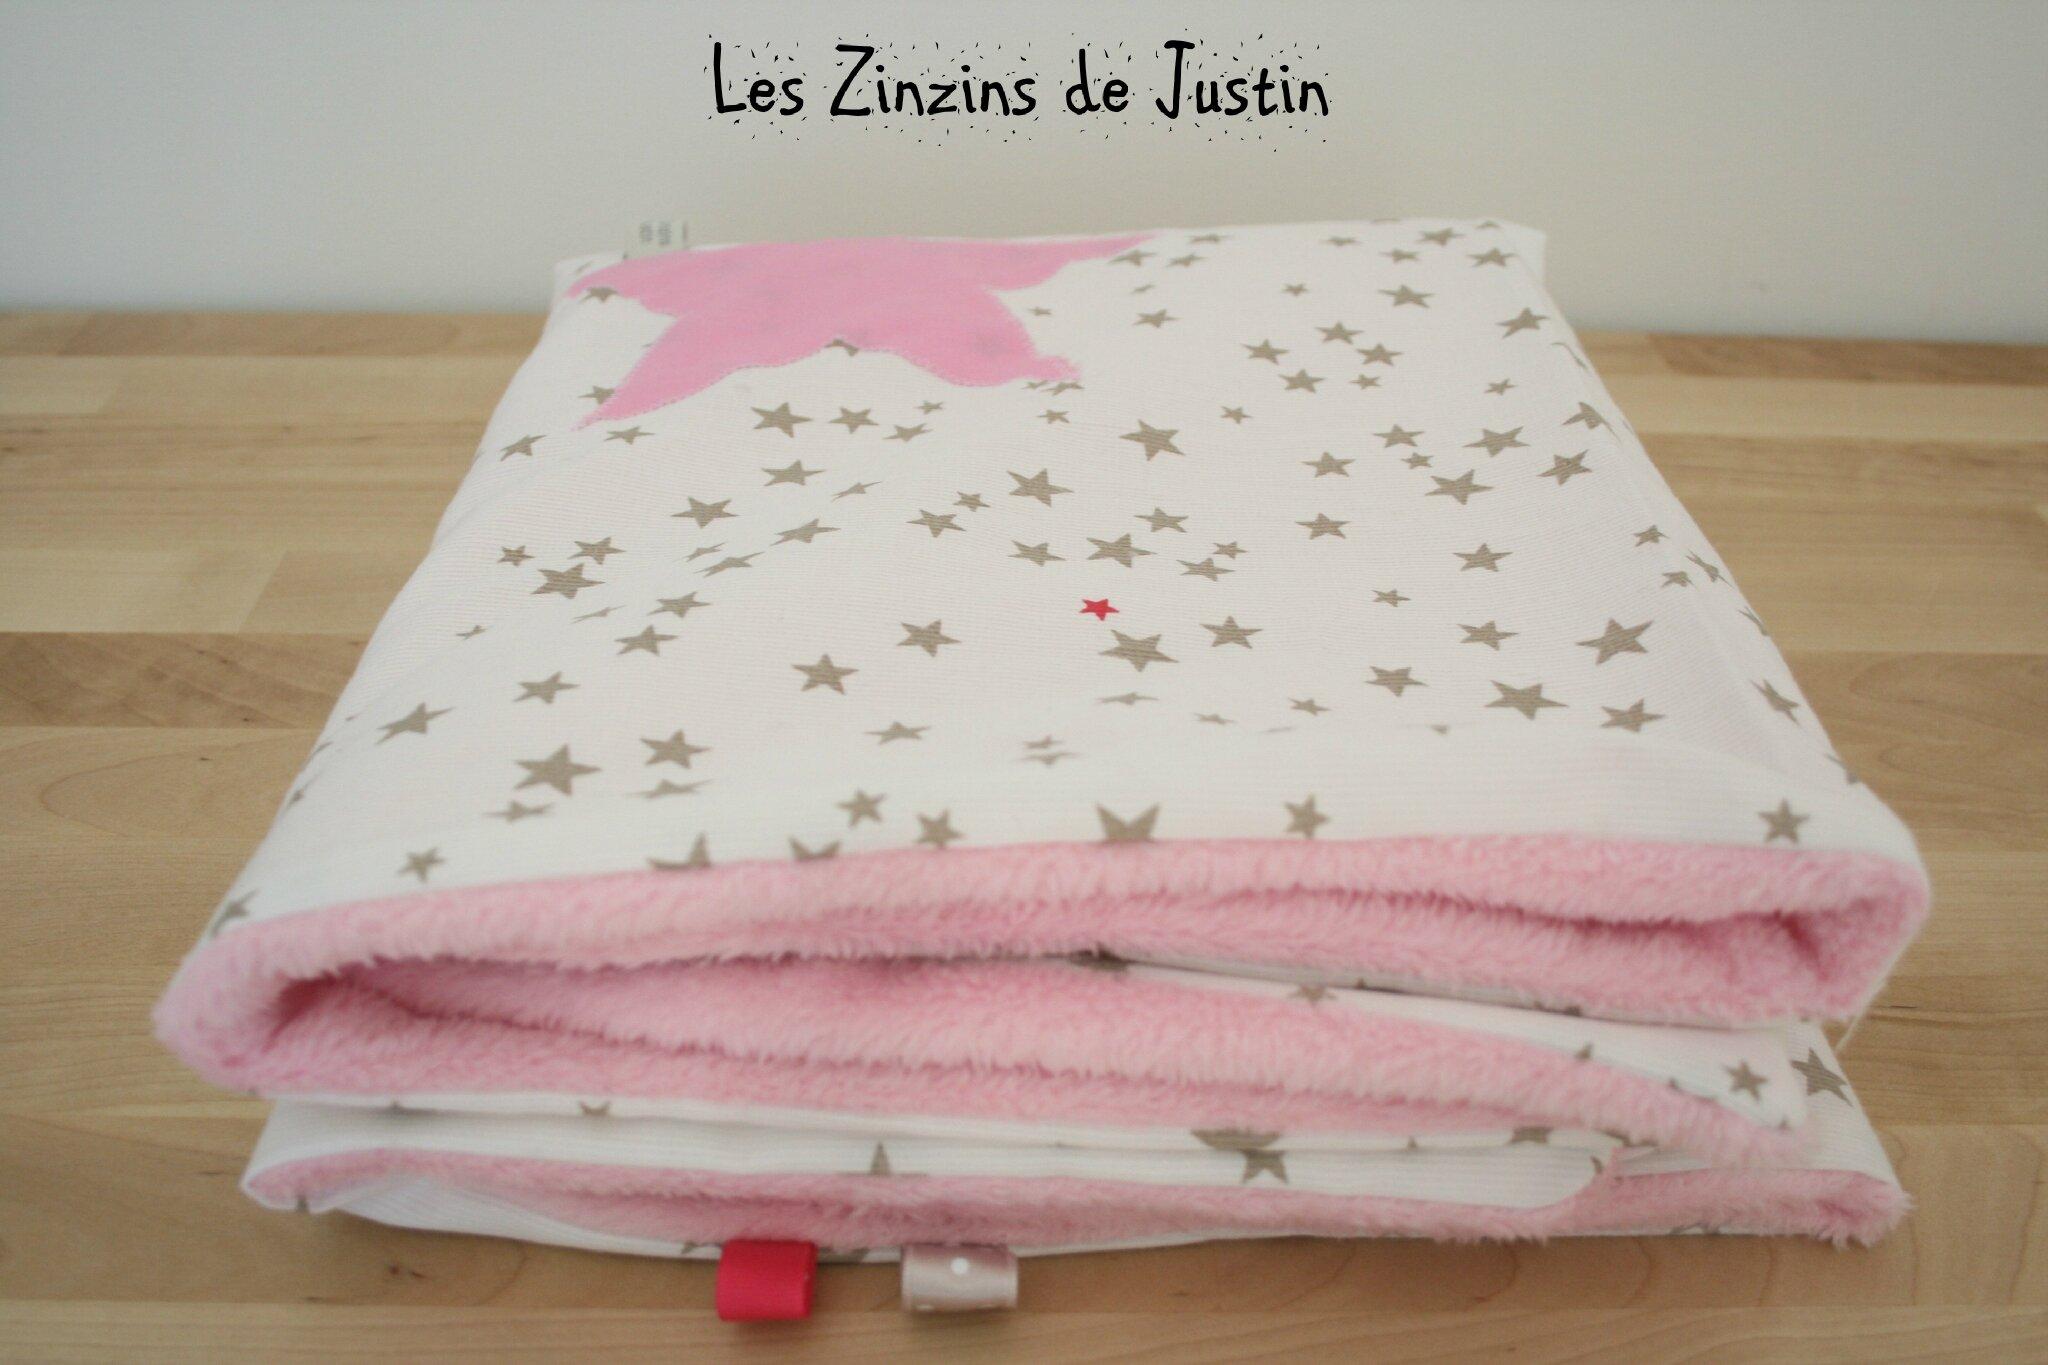 couverture bébé microfibre Les Zinzins de Justin couverture bébé microfibre